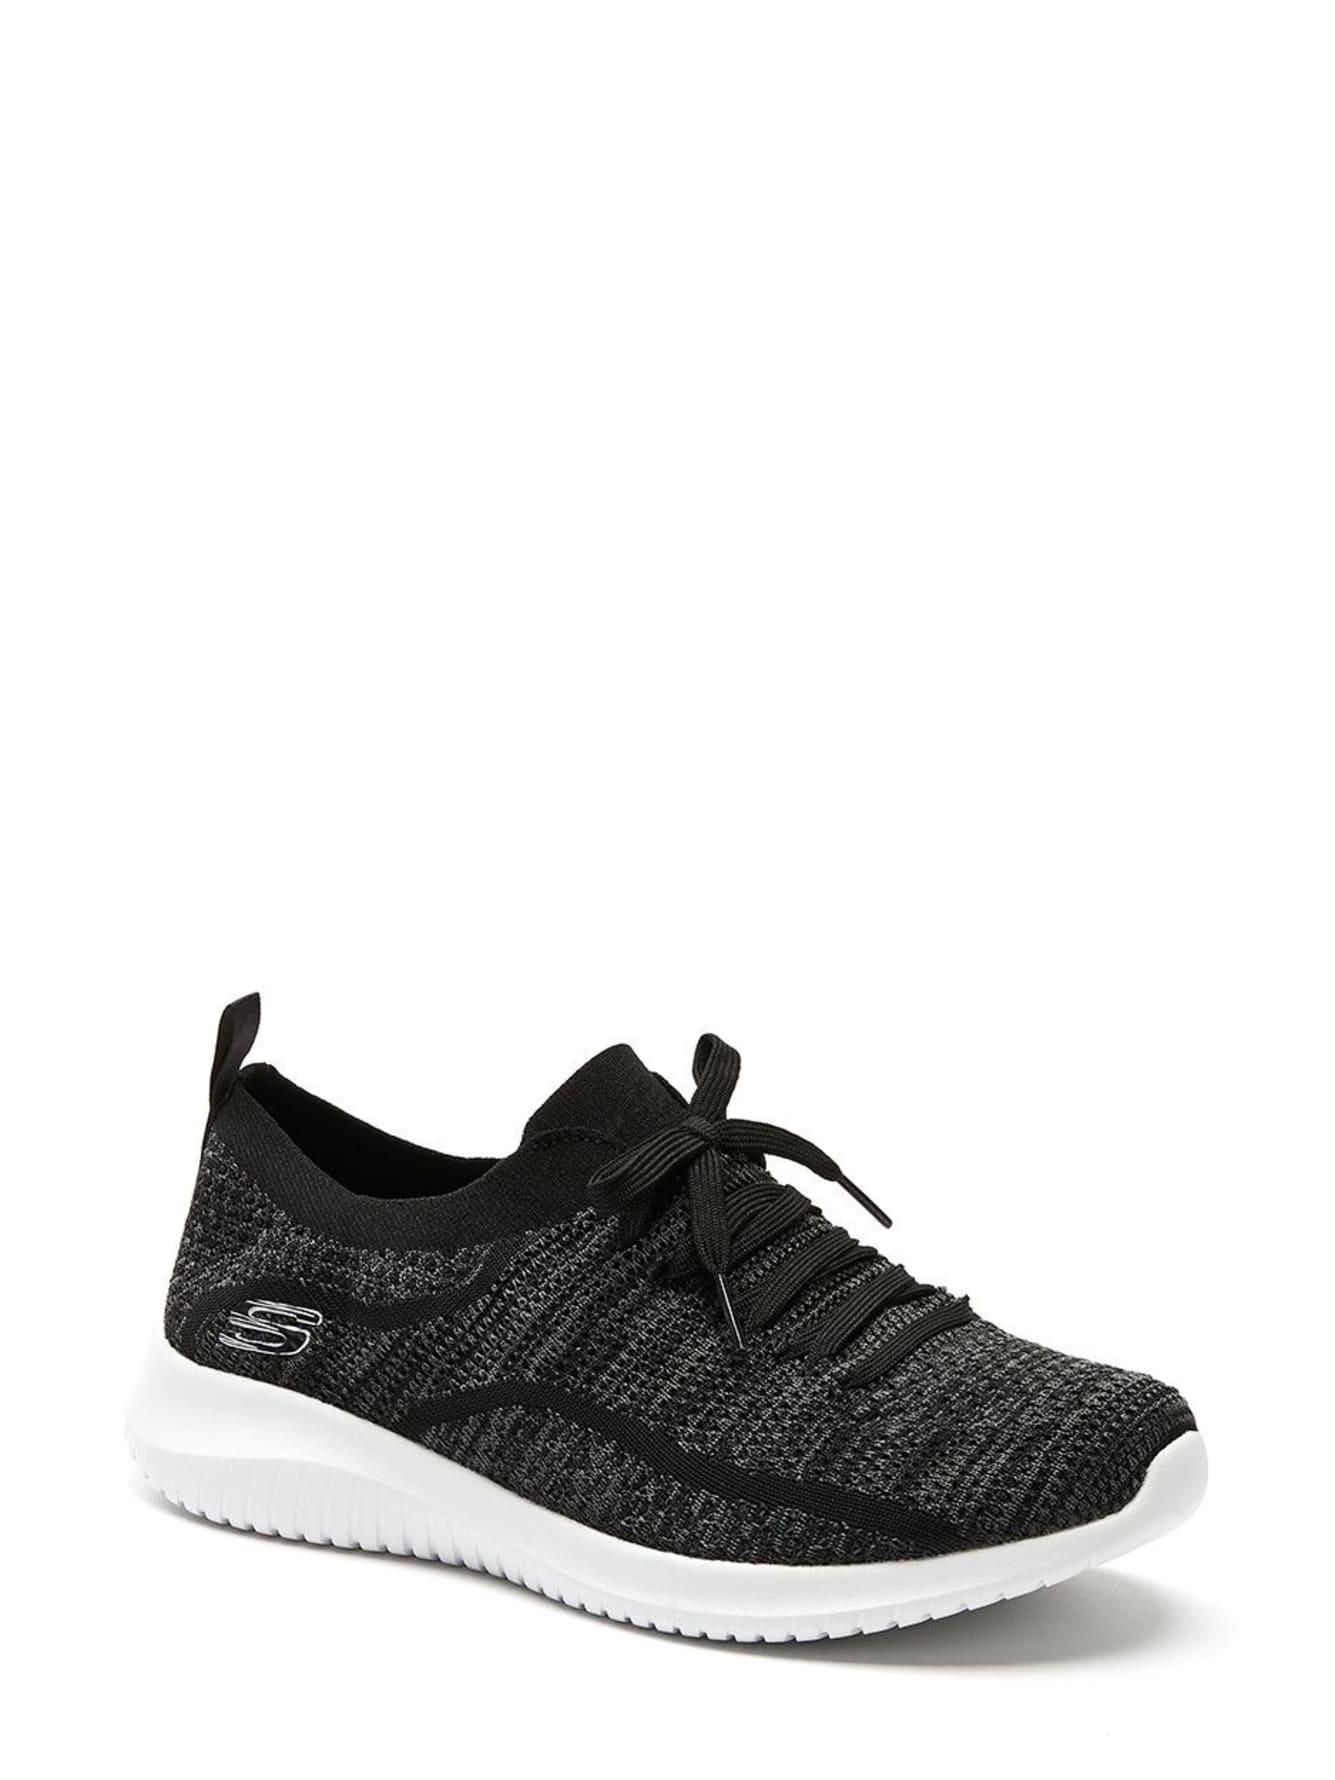 59ec76b693a16 Skechers Ultra Flex, Statements - Wide Width Knit Sneakers ...